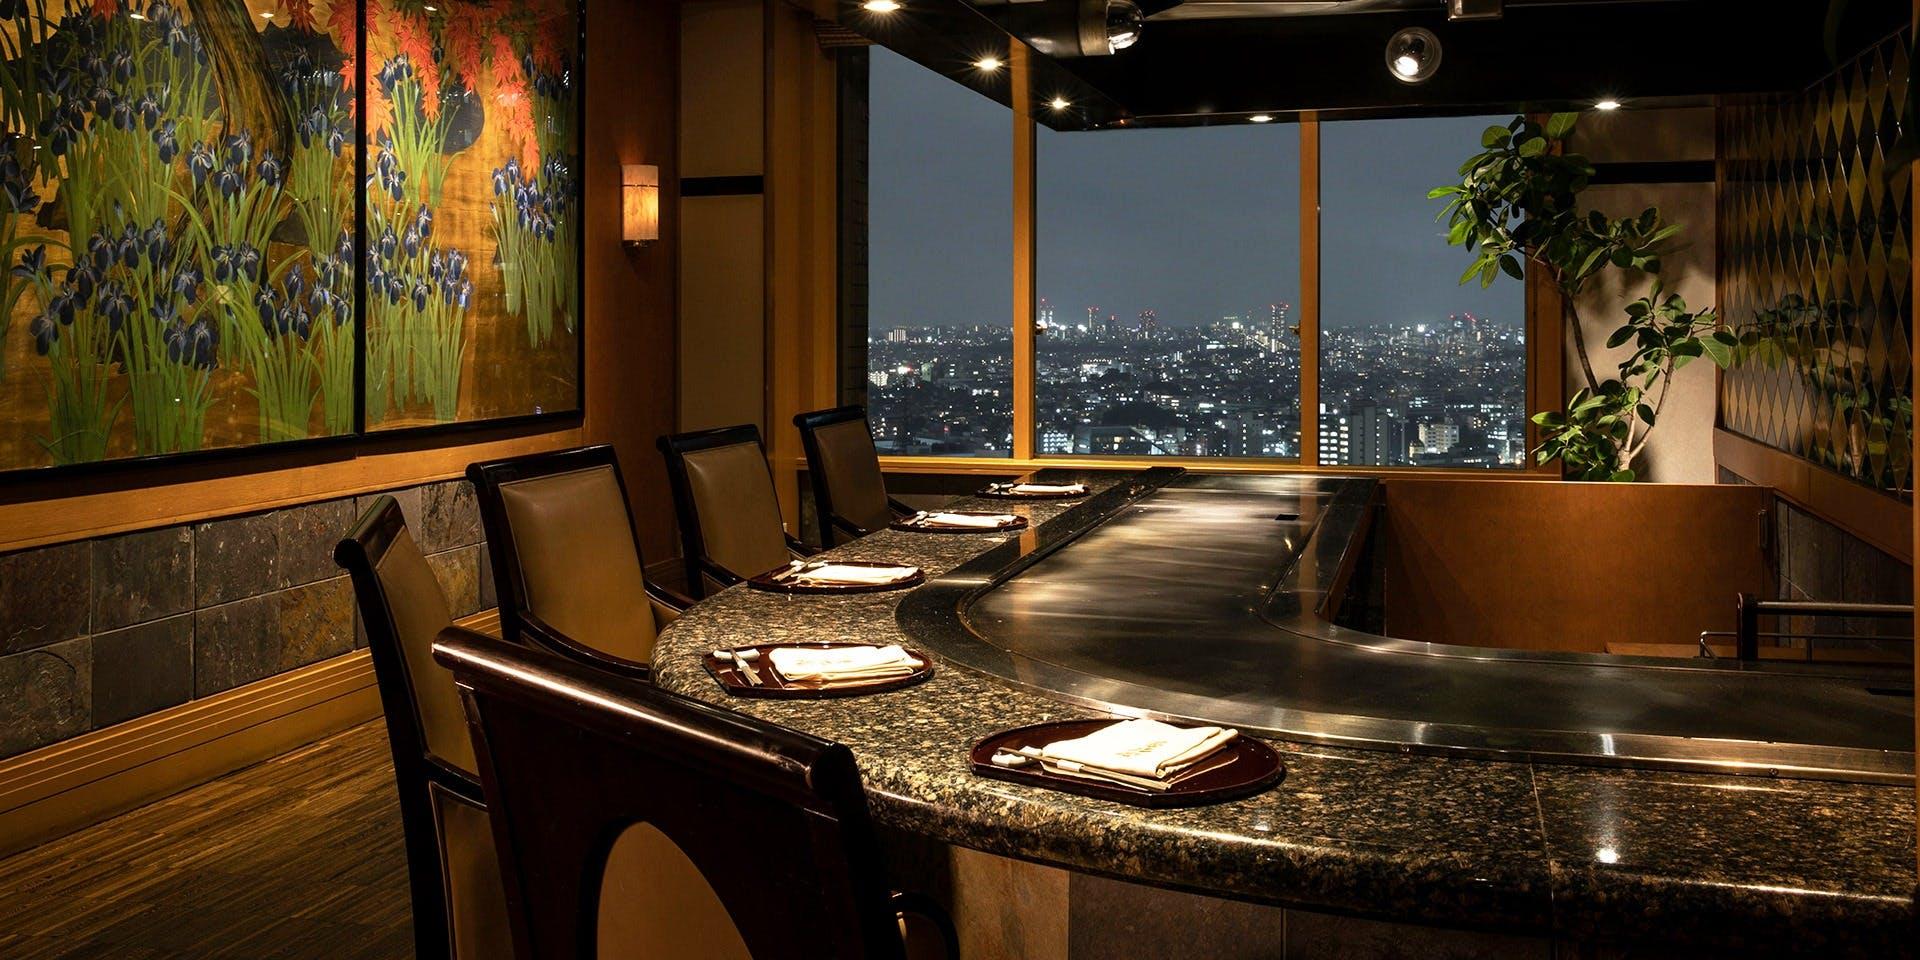 記念日におすすめのレストラン・鉄板焼 恵比寿/ウェスティンホテル東京の写真2